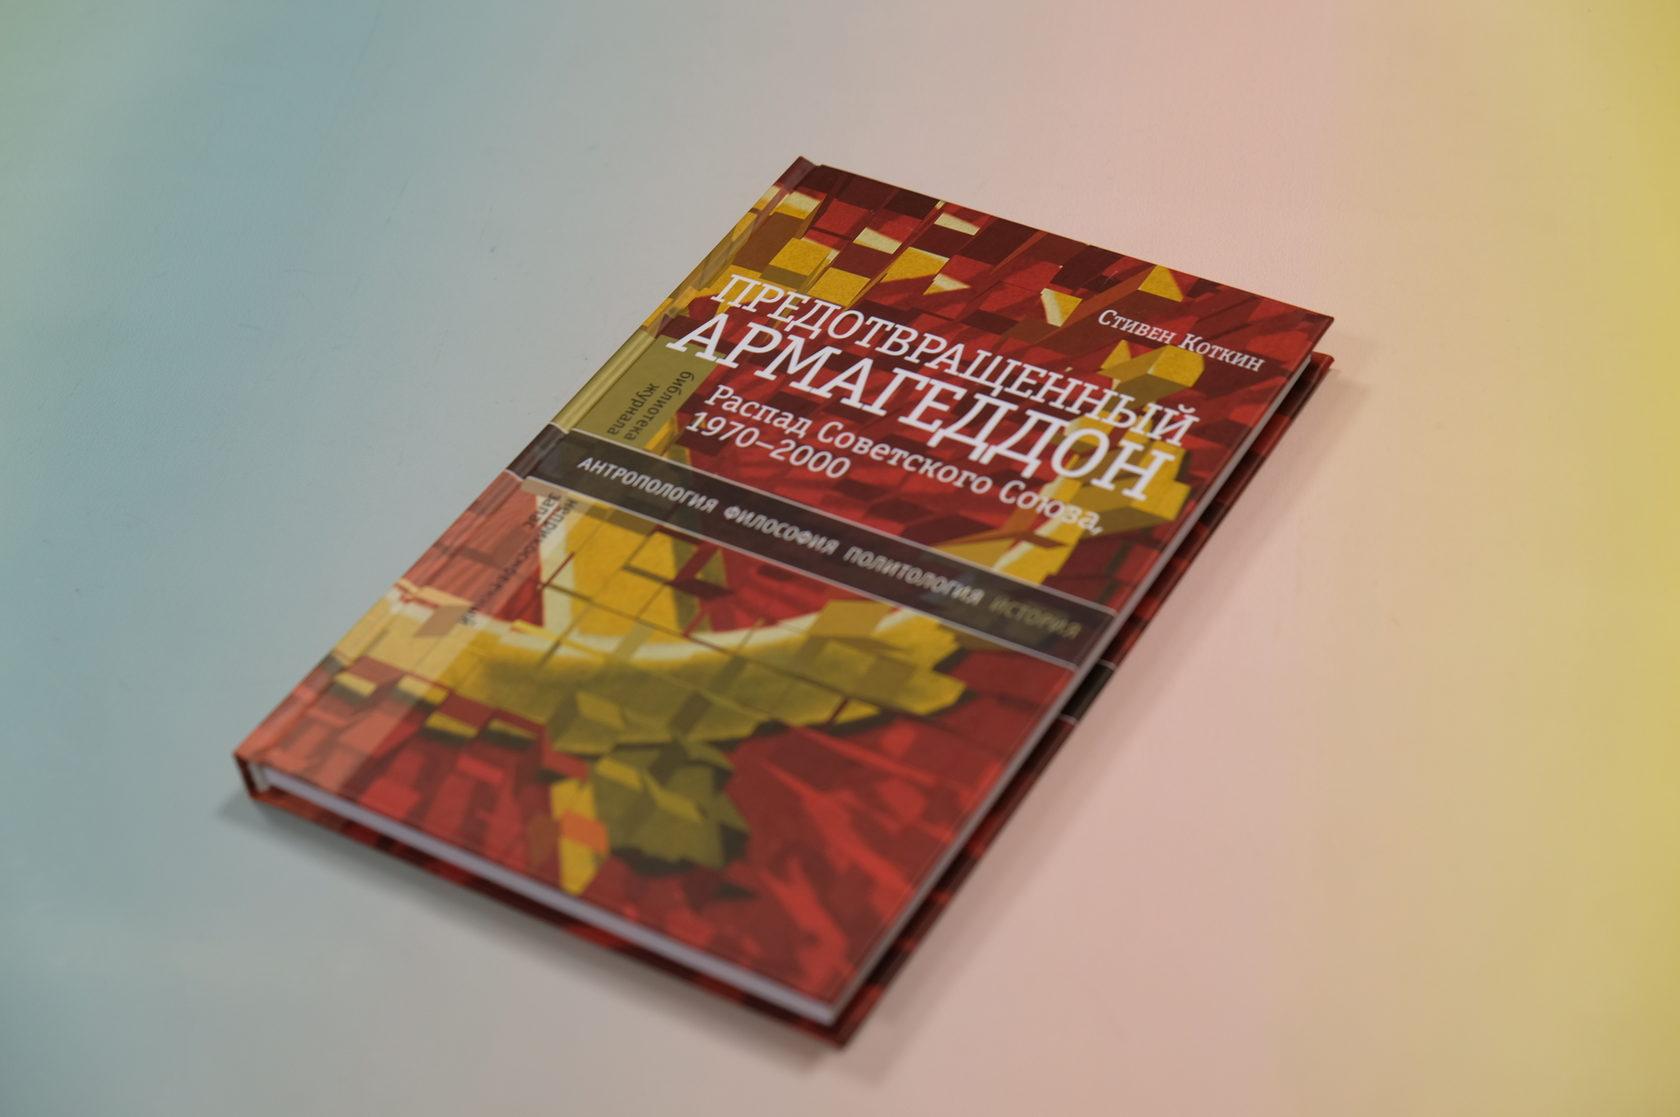 Стивен Коткин «Предотвращенный Армагеддон. Распад Советского Союза, 1970–2000»